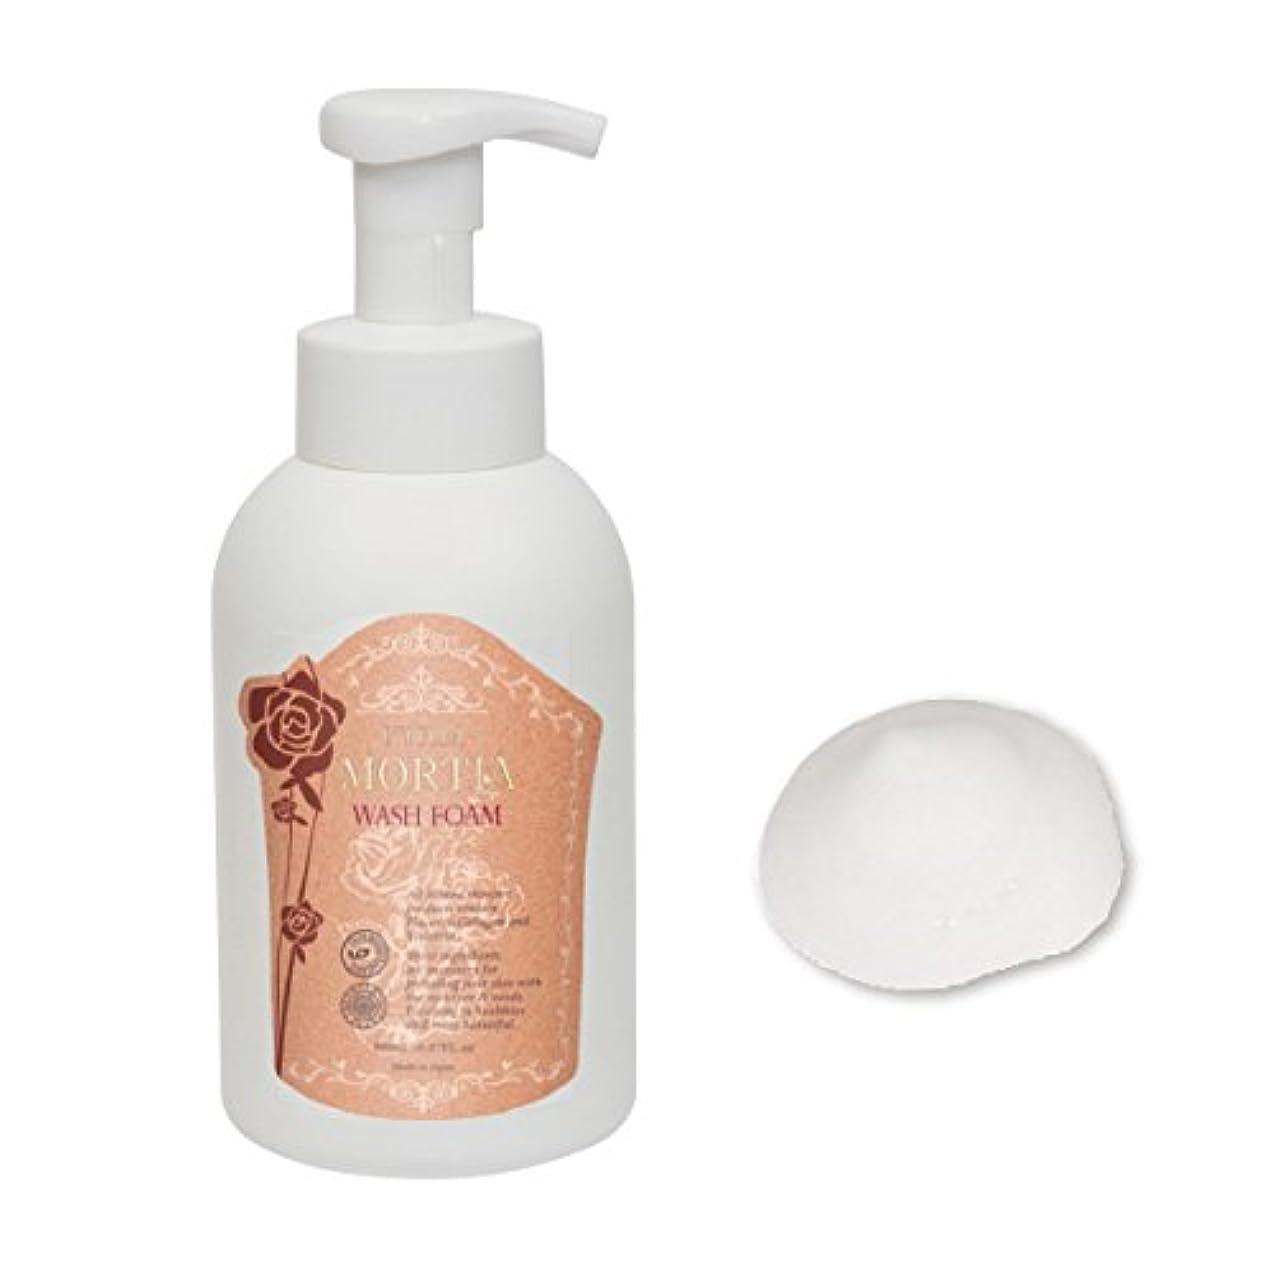 上がる泥棒追い出すエトゥベラ モルティア ウォッシュフォーム 500ml (リンゴ幹細胞 洗顔フォーム 天然水 化粧品)